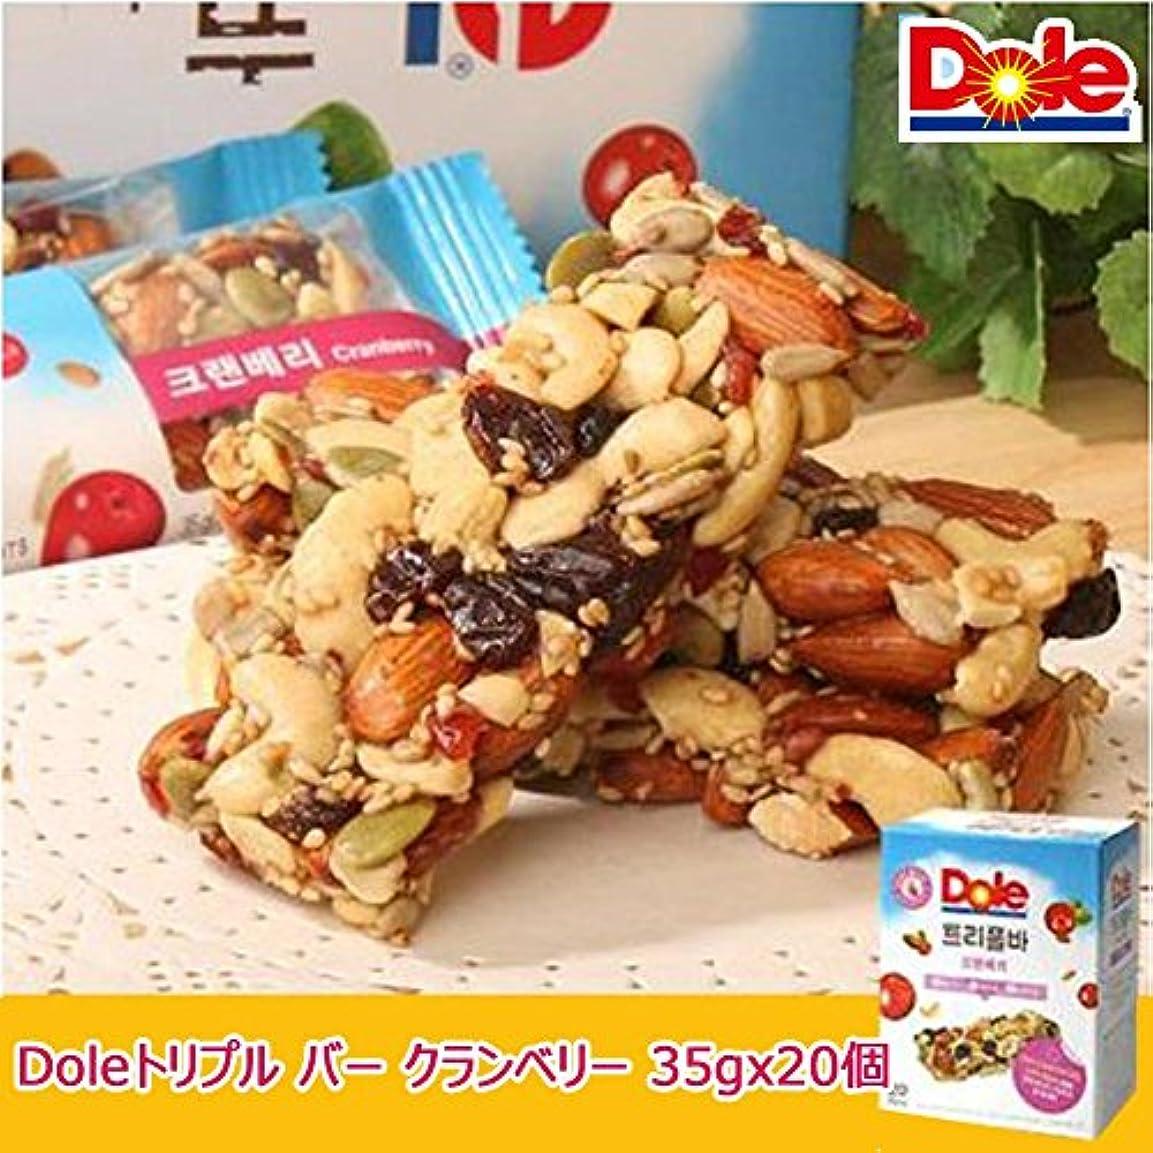 マグ旋回合併【ドール/Dole] Dole Triple Bar ドール トリプルバークランベリー35g x20個/3つのナットと3つのフルーツ、3つの種子で作成は栄養がたっぷり詰まったDiet Bar栄養バー[健康&ダイエット製品](海外直